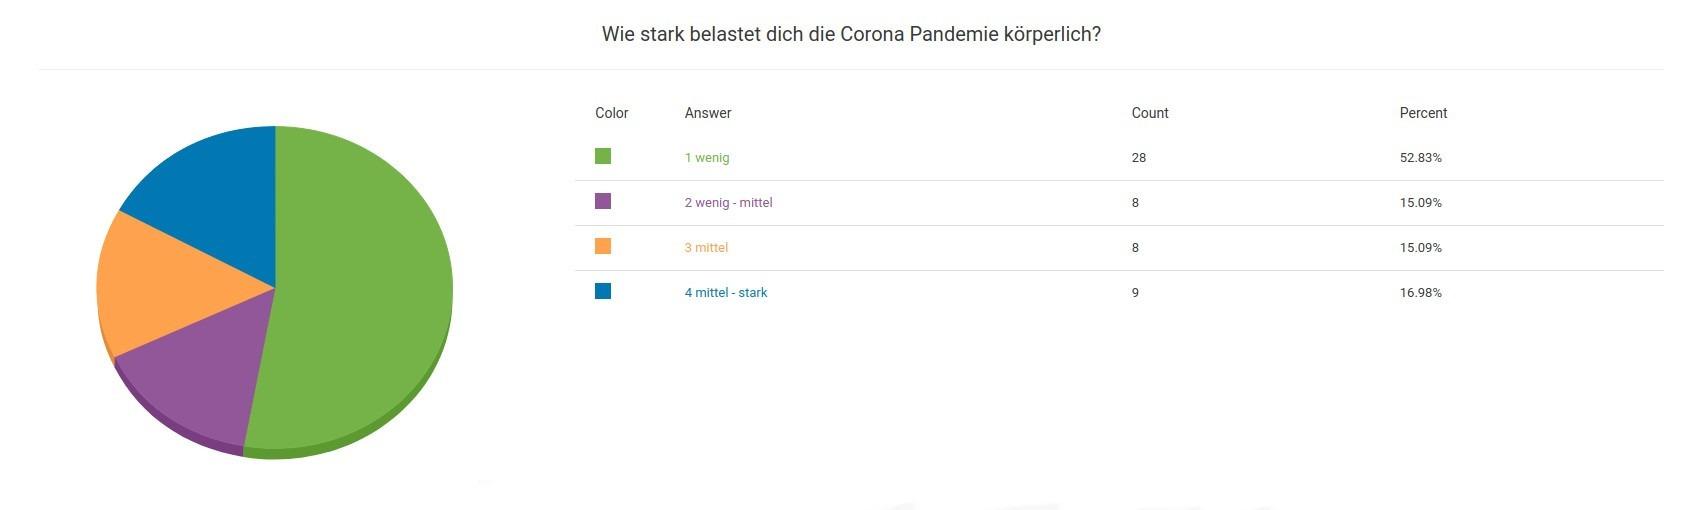 Umfrage Ergebnis Wie stark belastet dich die Corona Pandemie körperlich